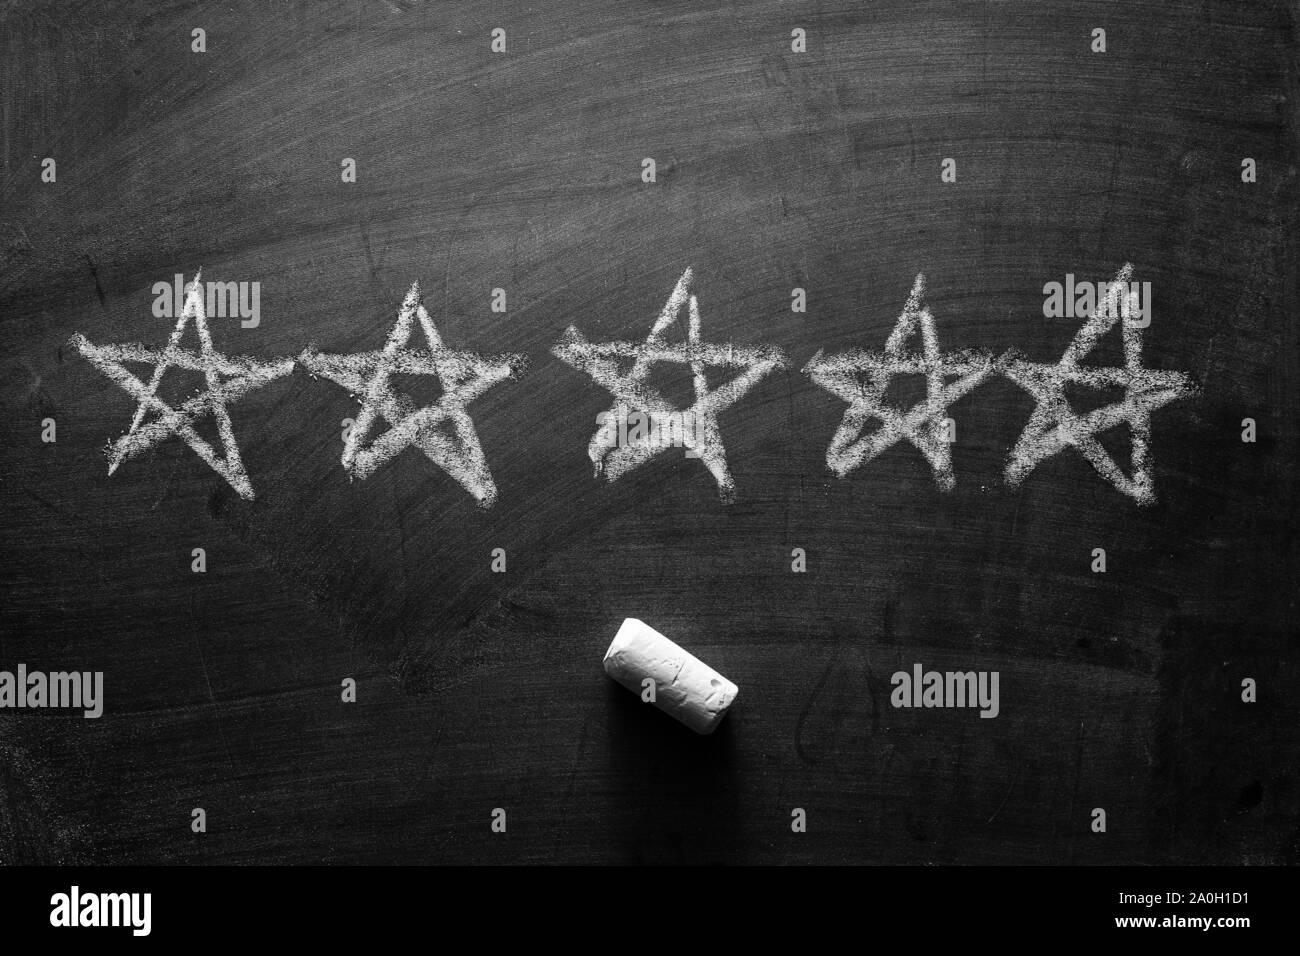 Fünf Hand skizziert weiße Sterne auf einer Schiefertafel oder Tafel mit Stück Kreide unten in einem Konzept der Einstufung für hervorragende Leistung Stockfoto